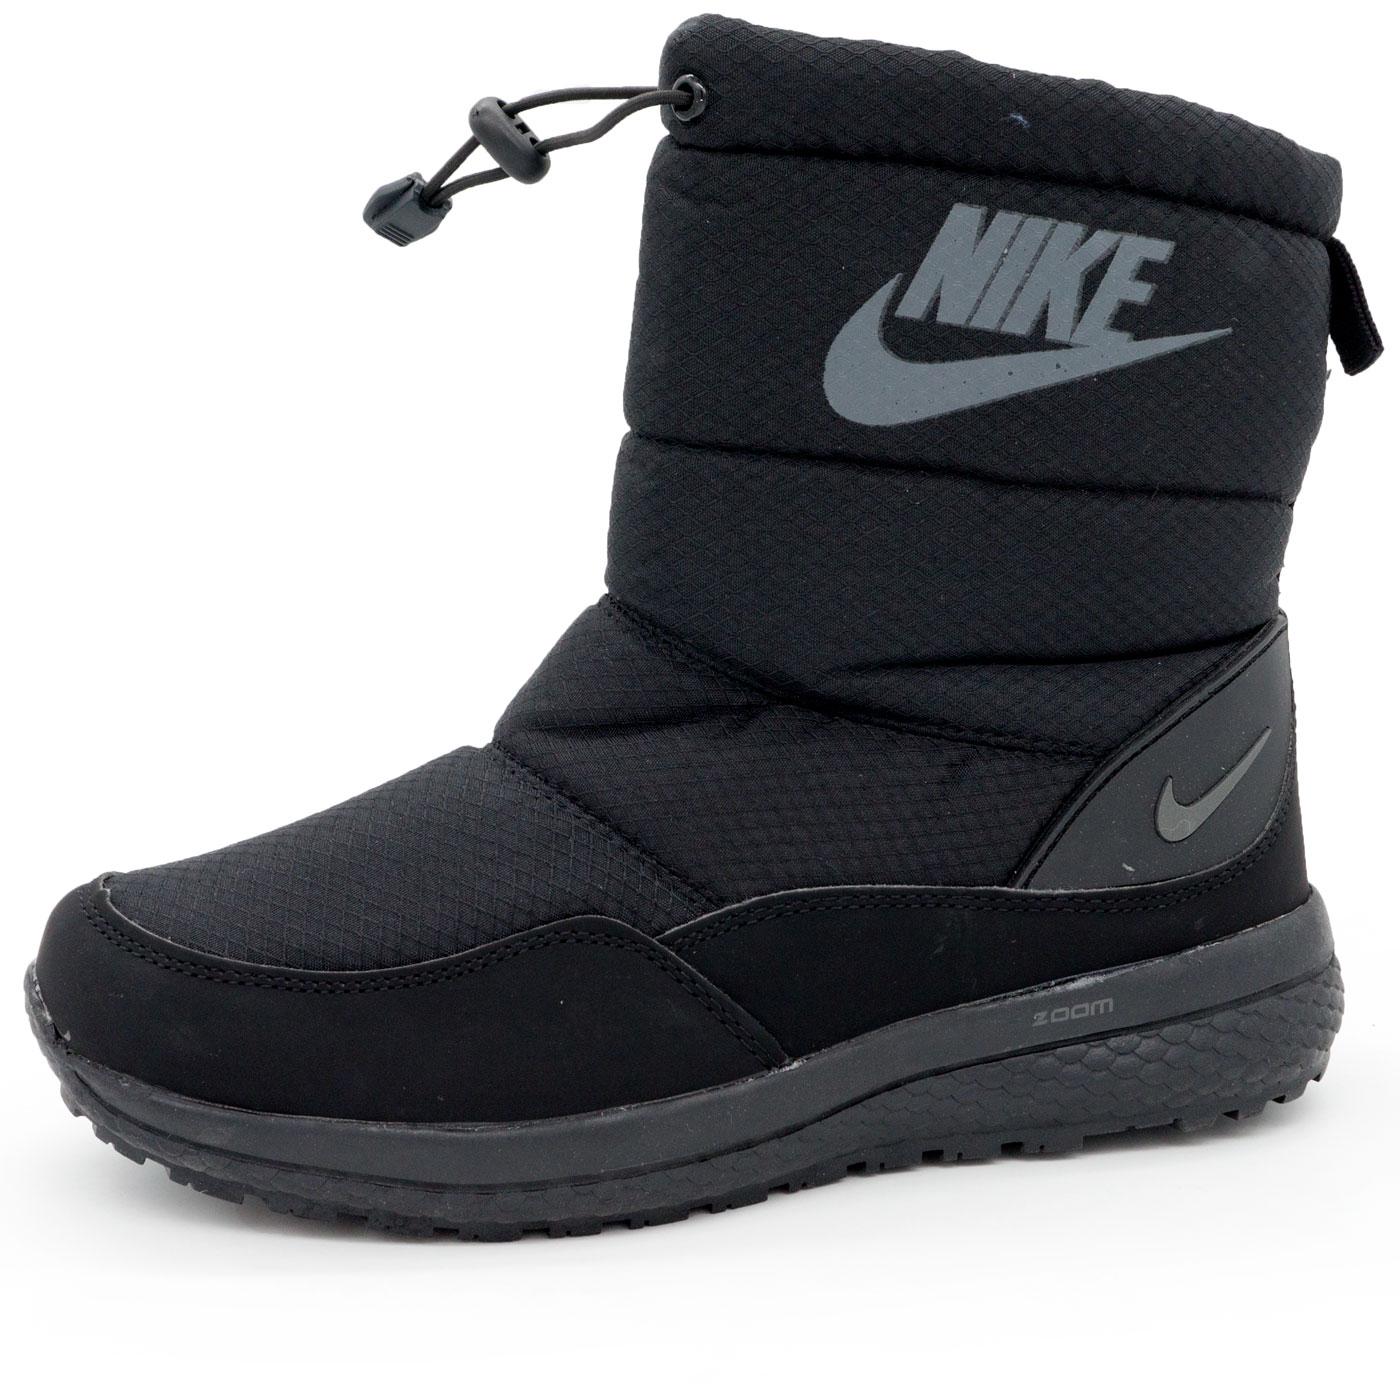 фото main Зимние женские черные дутики с мехом Nike main